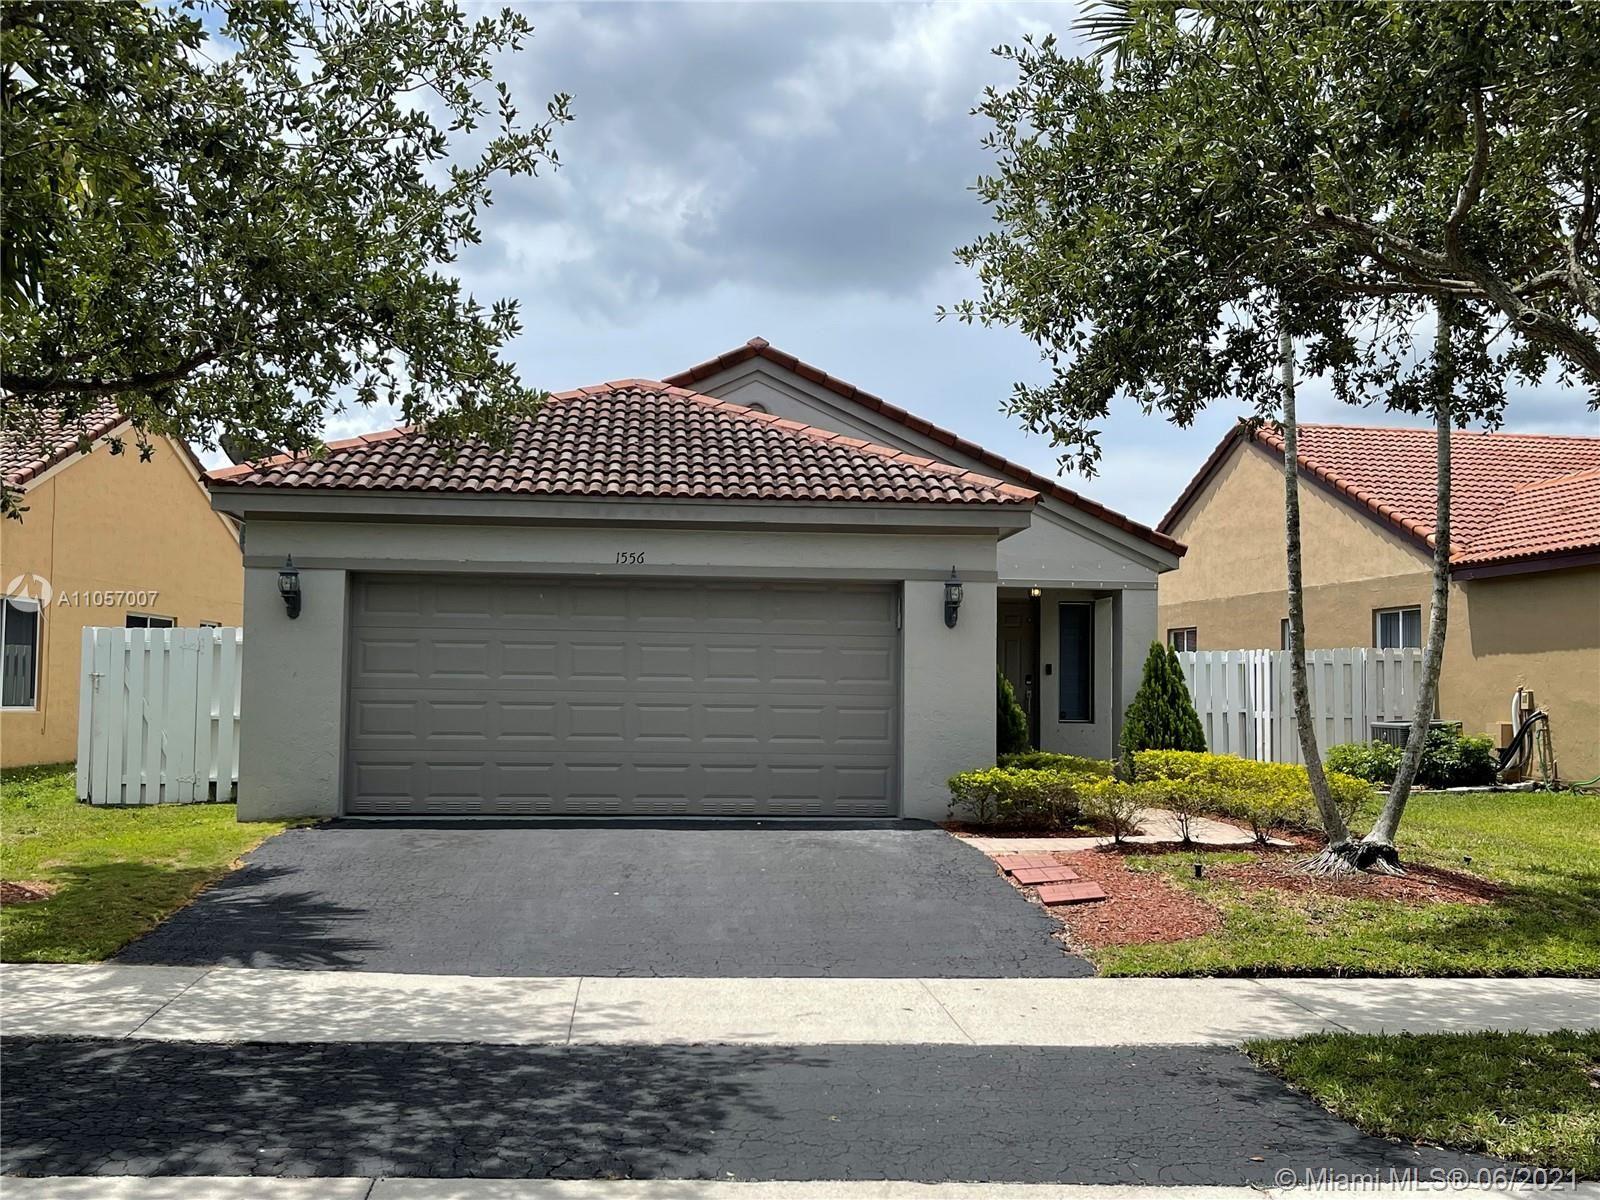 1556 N Mira Vista Cir, Weston, FL 33327 - #: A11057007